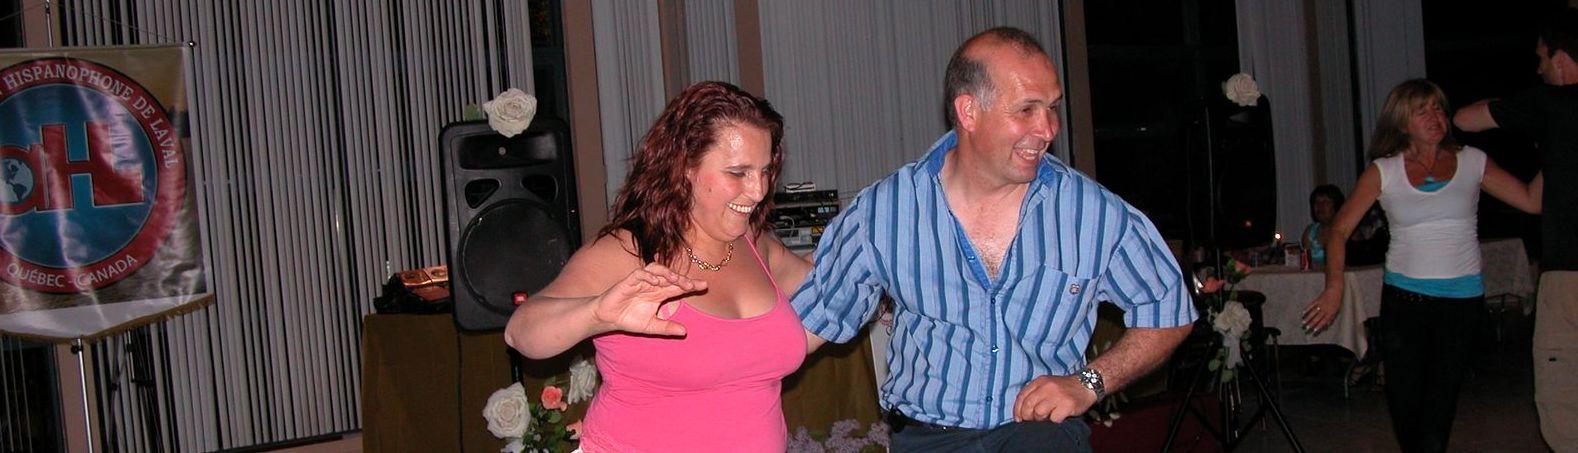 cursosde-baile-pano